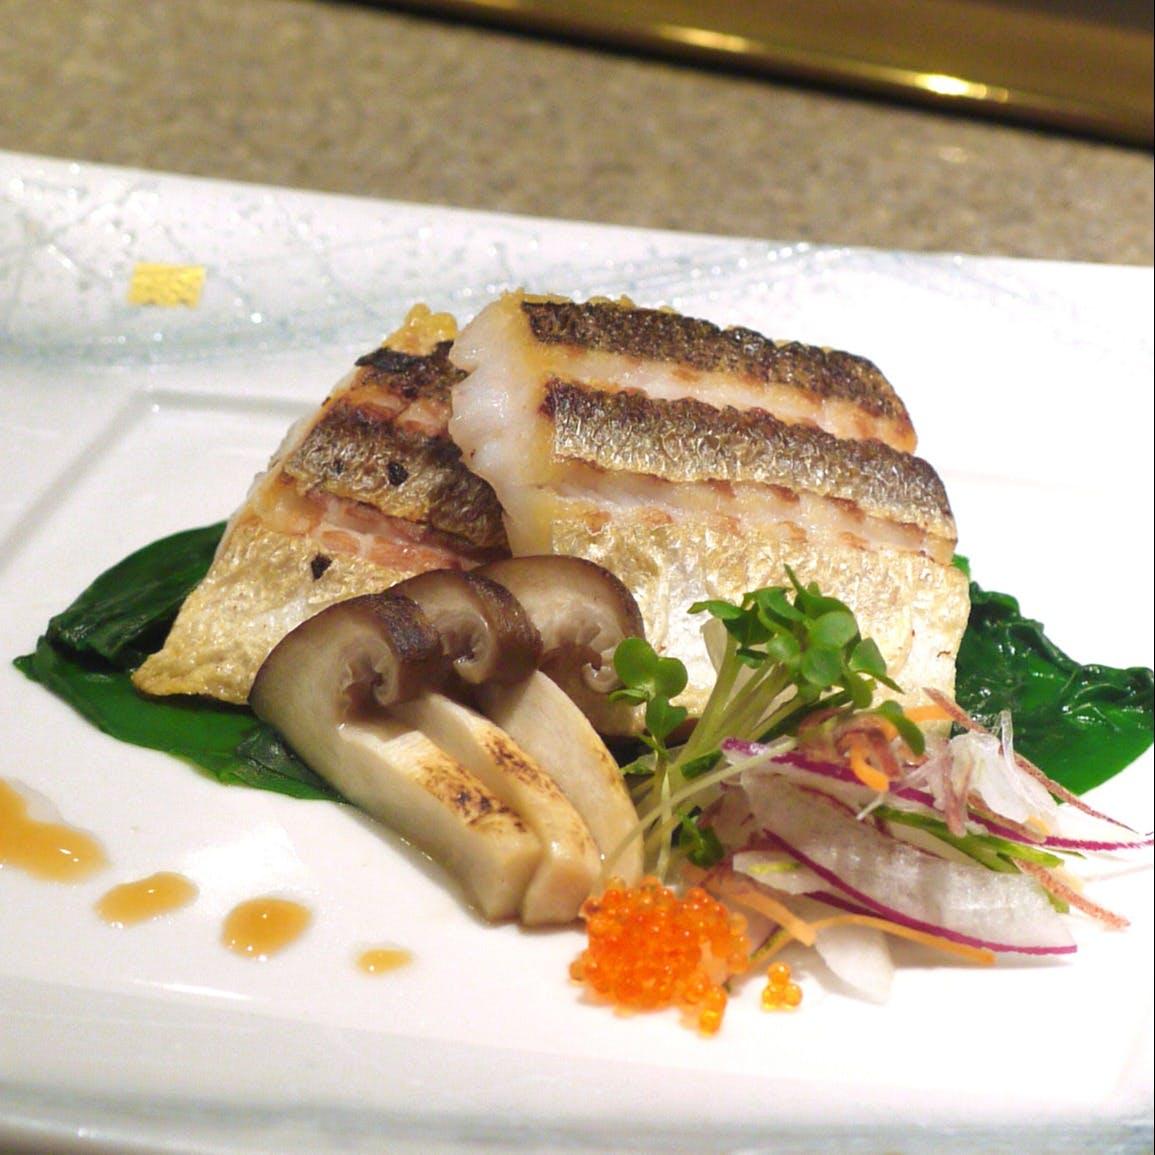 日本料理・鉄板焼・鮨処の3コーナーをもつ「和」の複合店